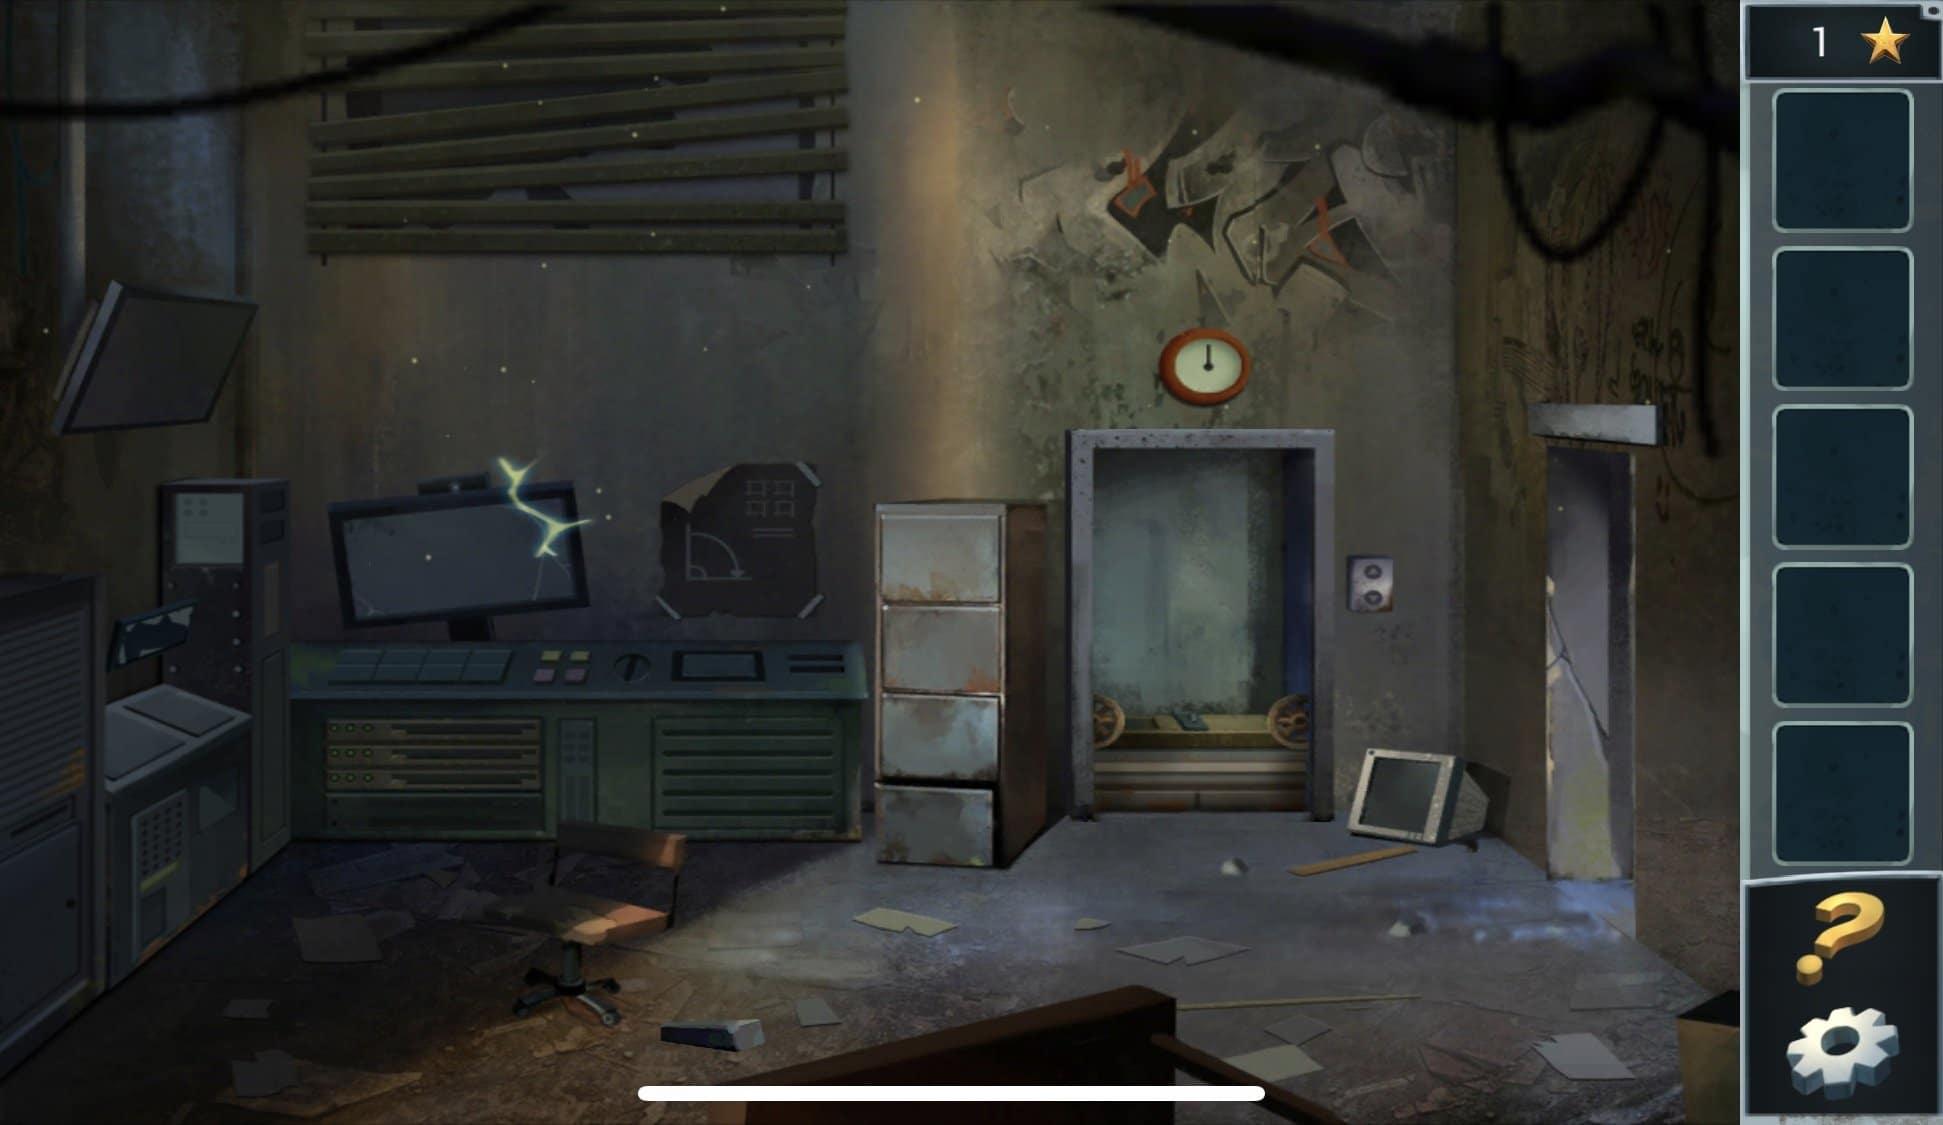 Здесь Вы увидите искрящуюся технику, бейте по компьютеру пока он не взорвется. Далее, подберите снизу кирпич и вернитесь в комнату с генератором, там разбейте с помощью кирпича стекло и возьмите огнетушитель. Вернувшись в техническую комнату, потушите огнетушителем пожар. Воспользуйтесь плоскогубцами, чтобы откусить ими проволоку, лежащую снизу. При помощи проволоки поднимитесь по лифтовой шахте на верхний этаж.